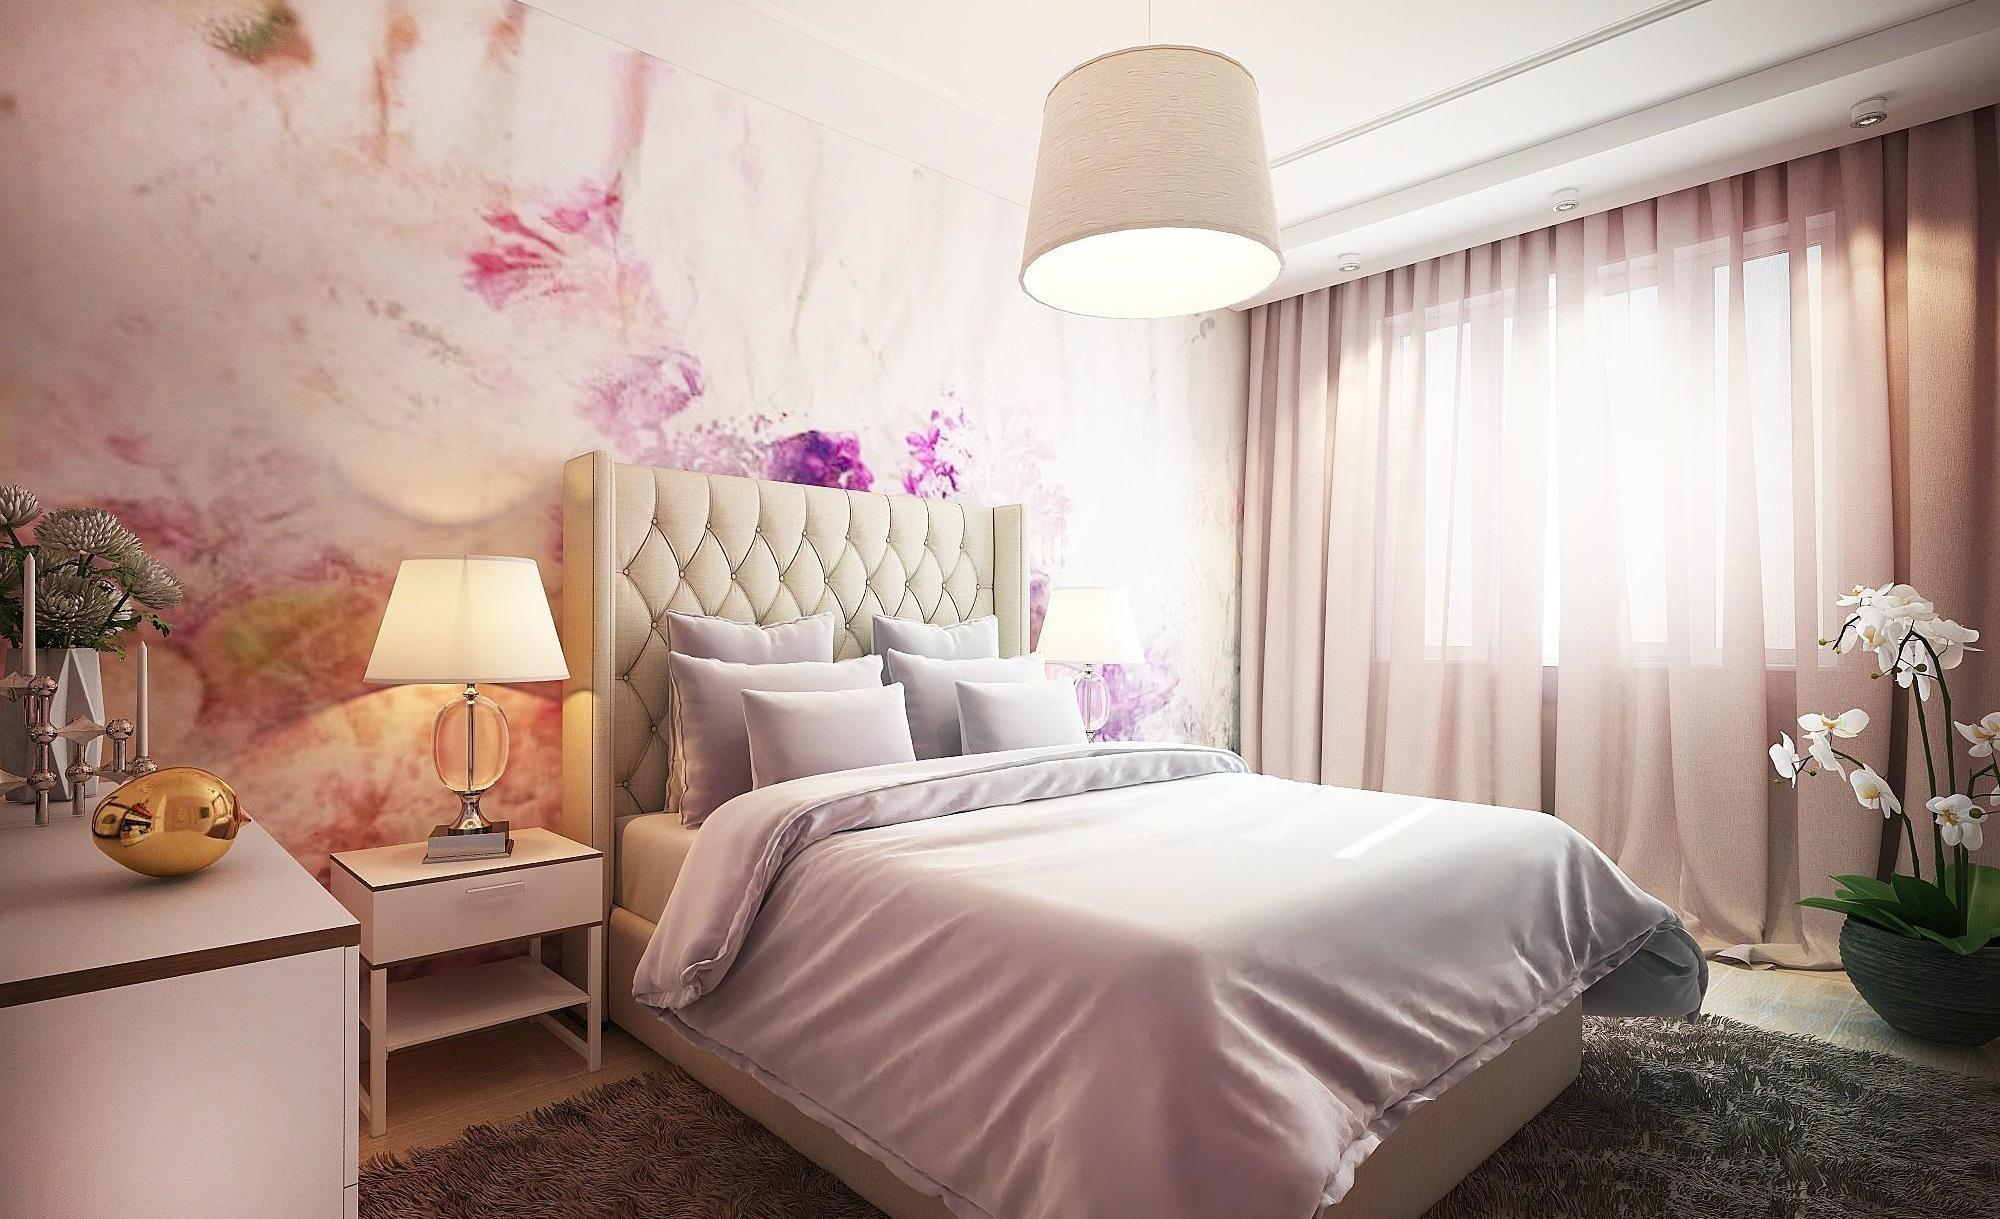 дизайн спальни 18 кв м 84 фото интерьер комнаты с балконом